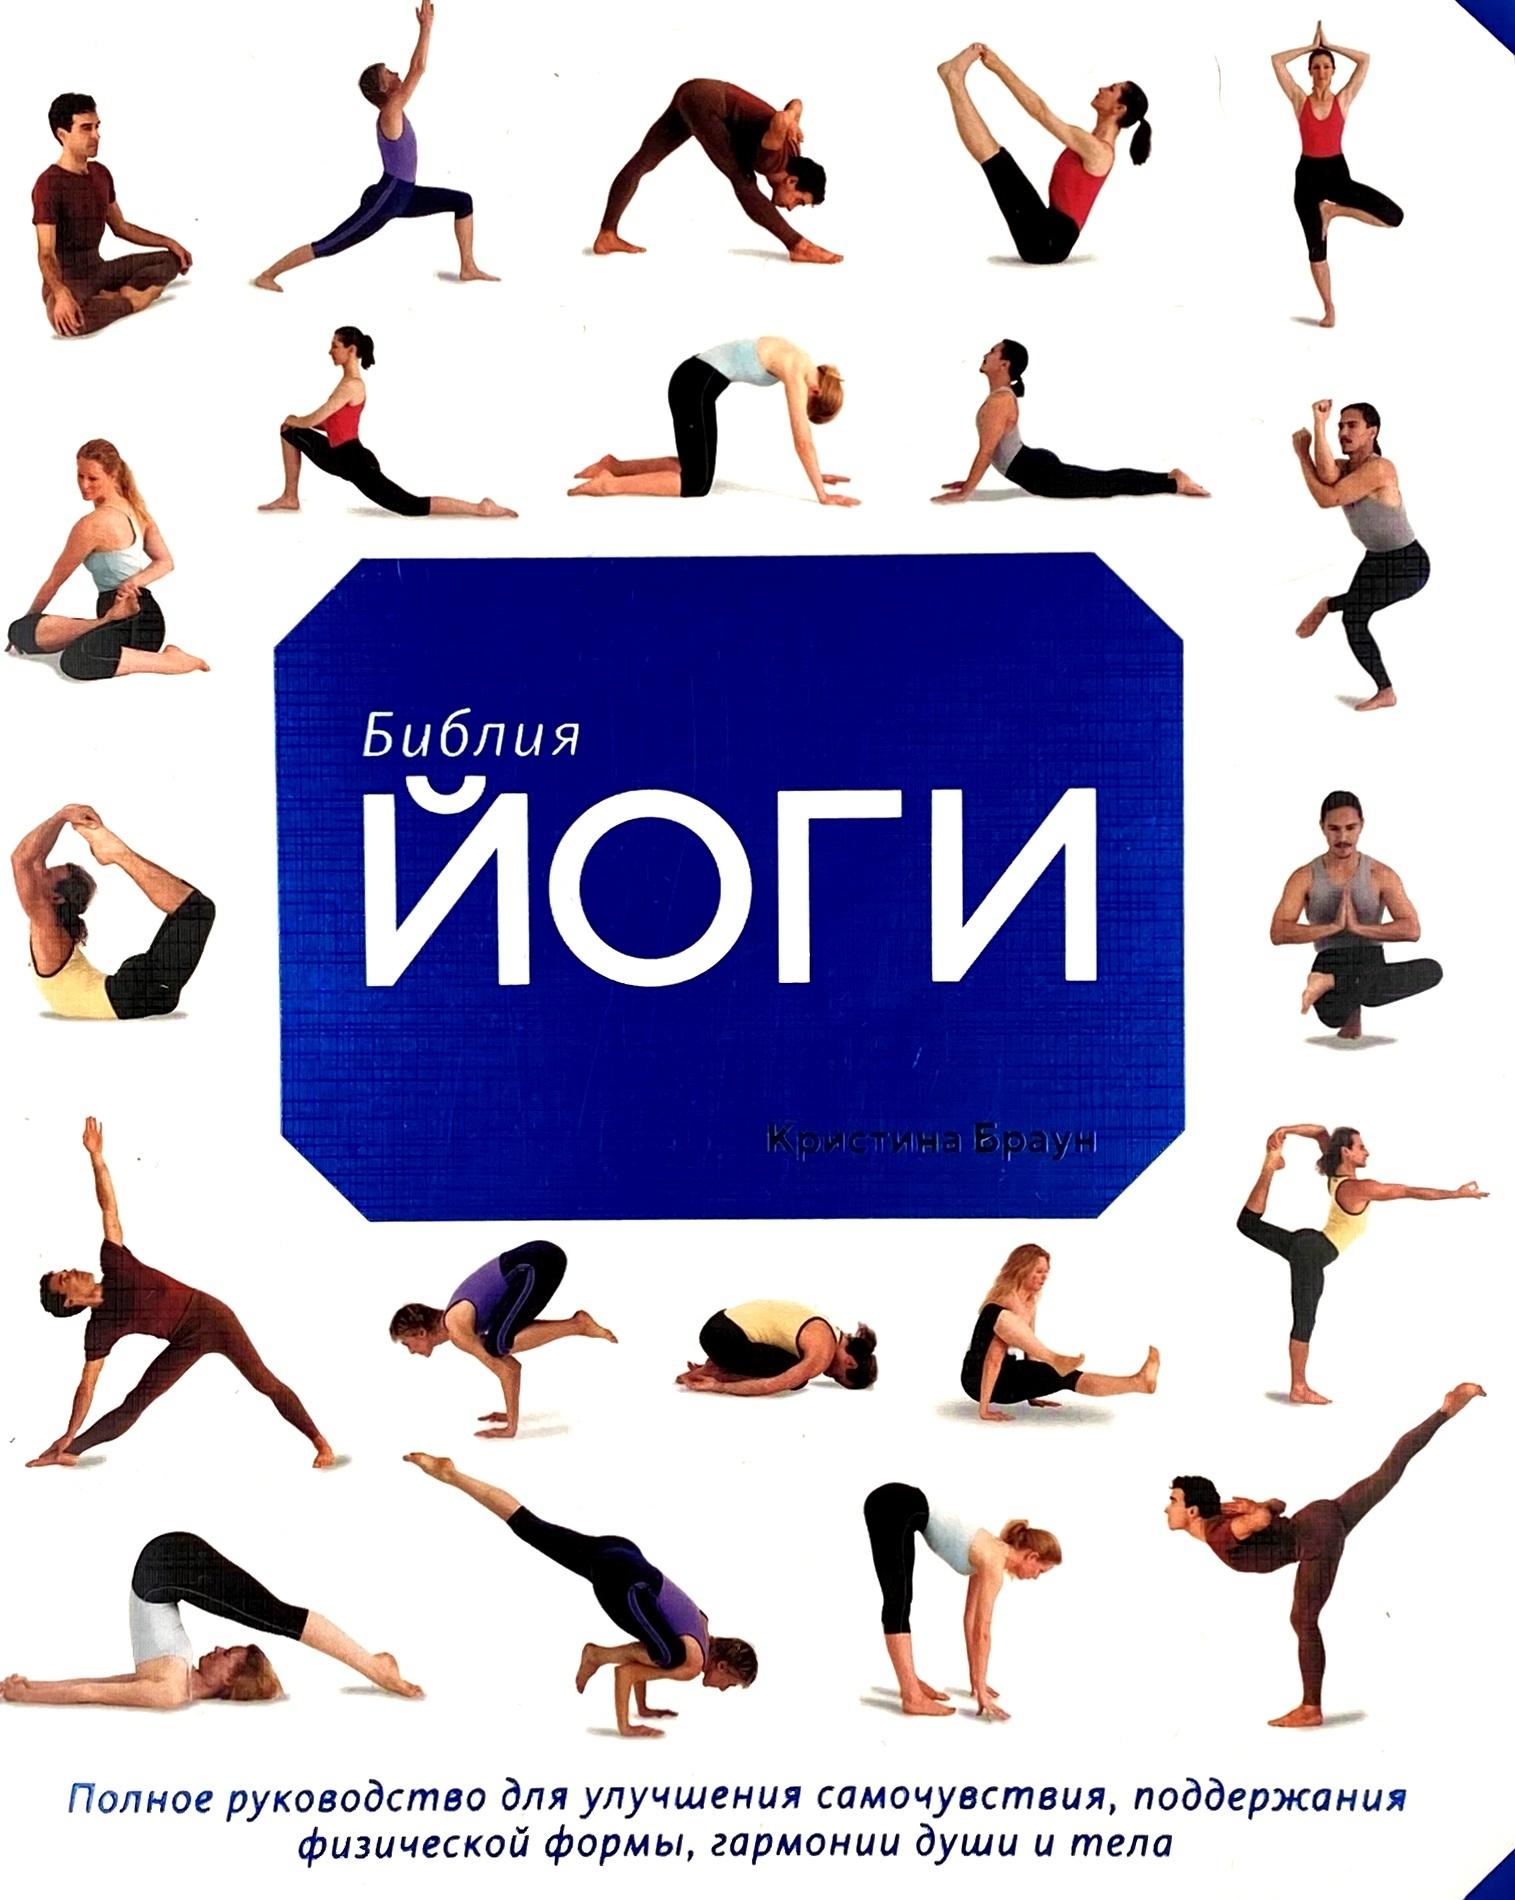 Библия йоги. Полное руководство для улучшения самочувствия, поддержания физической формы, гармонии души и тела